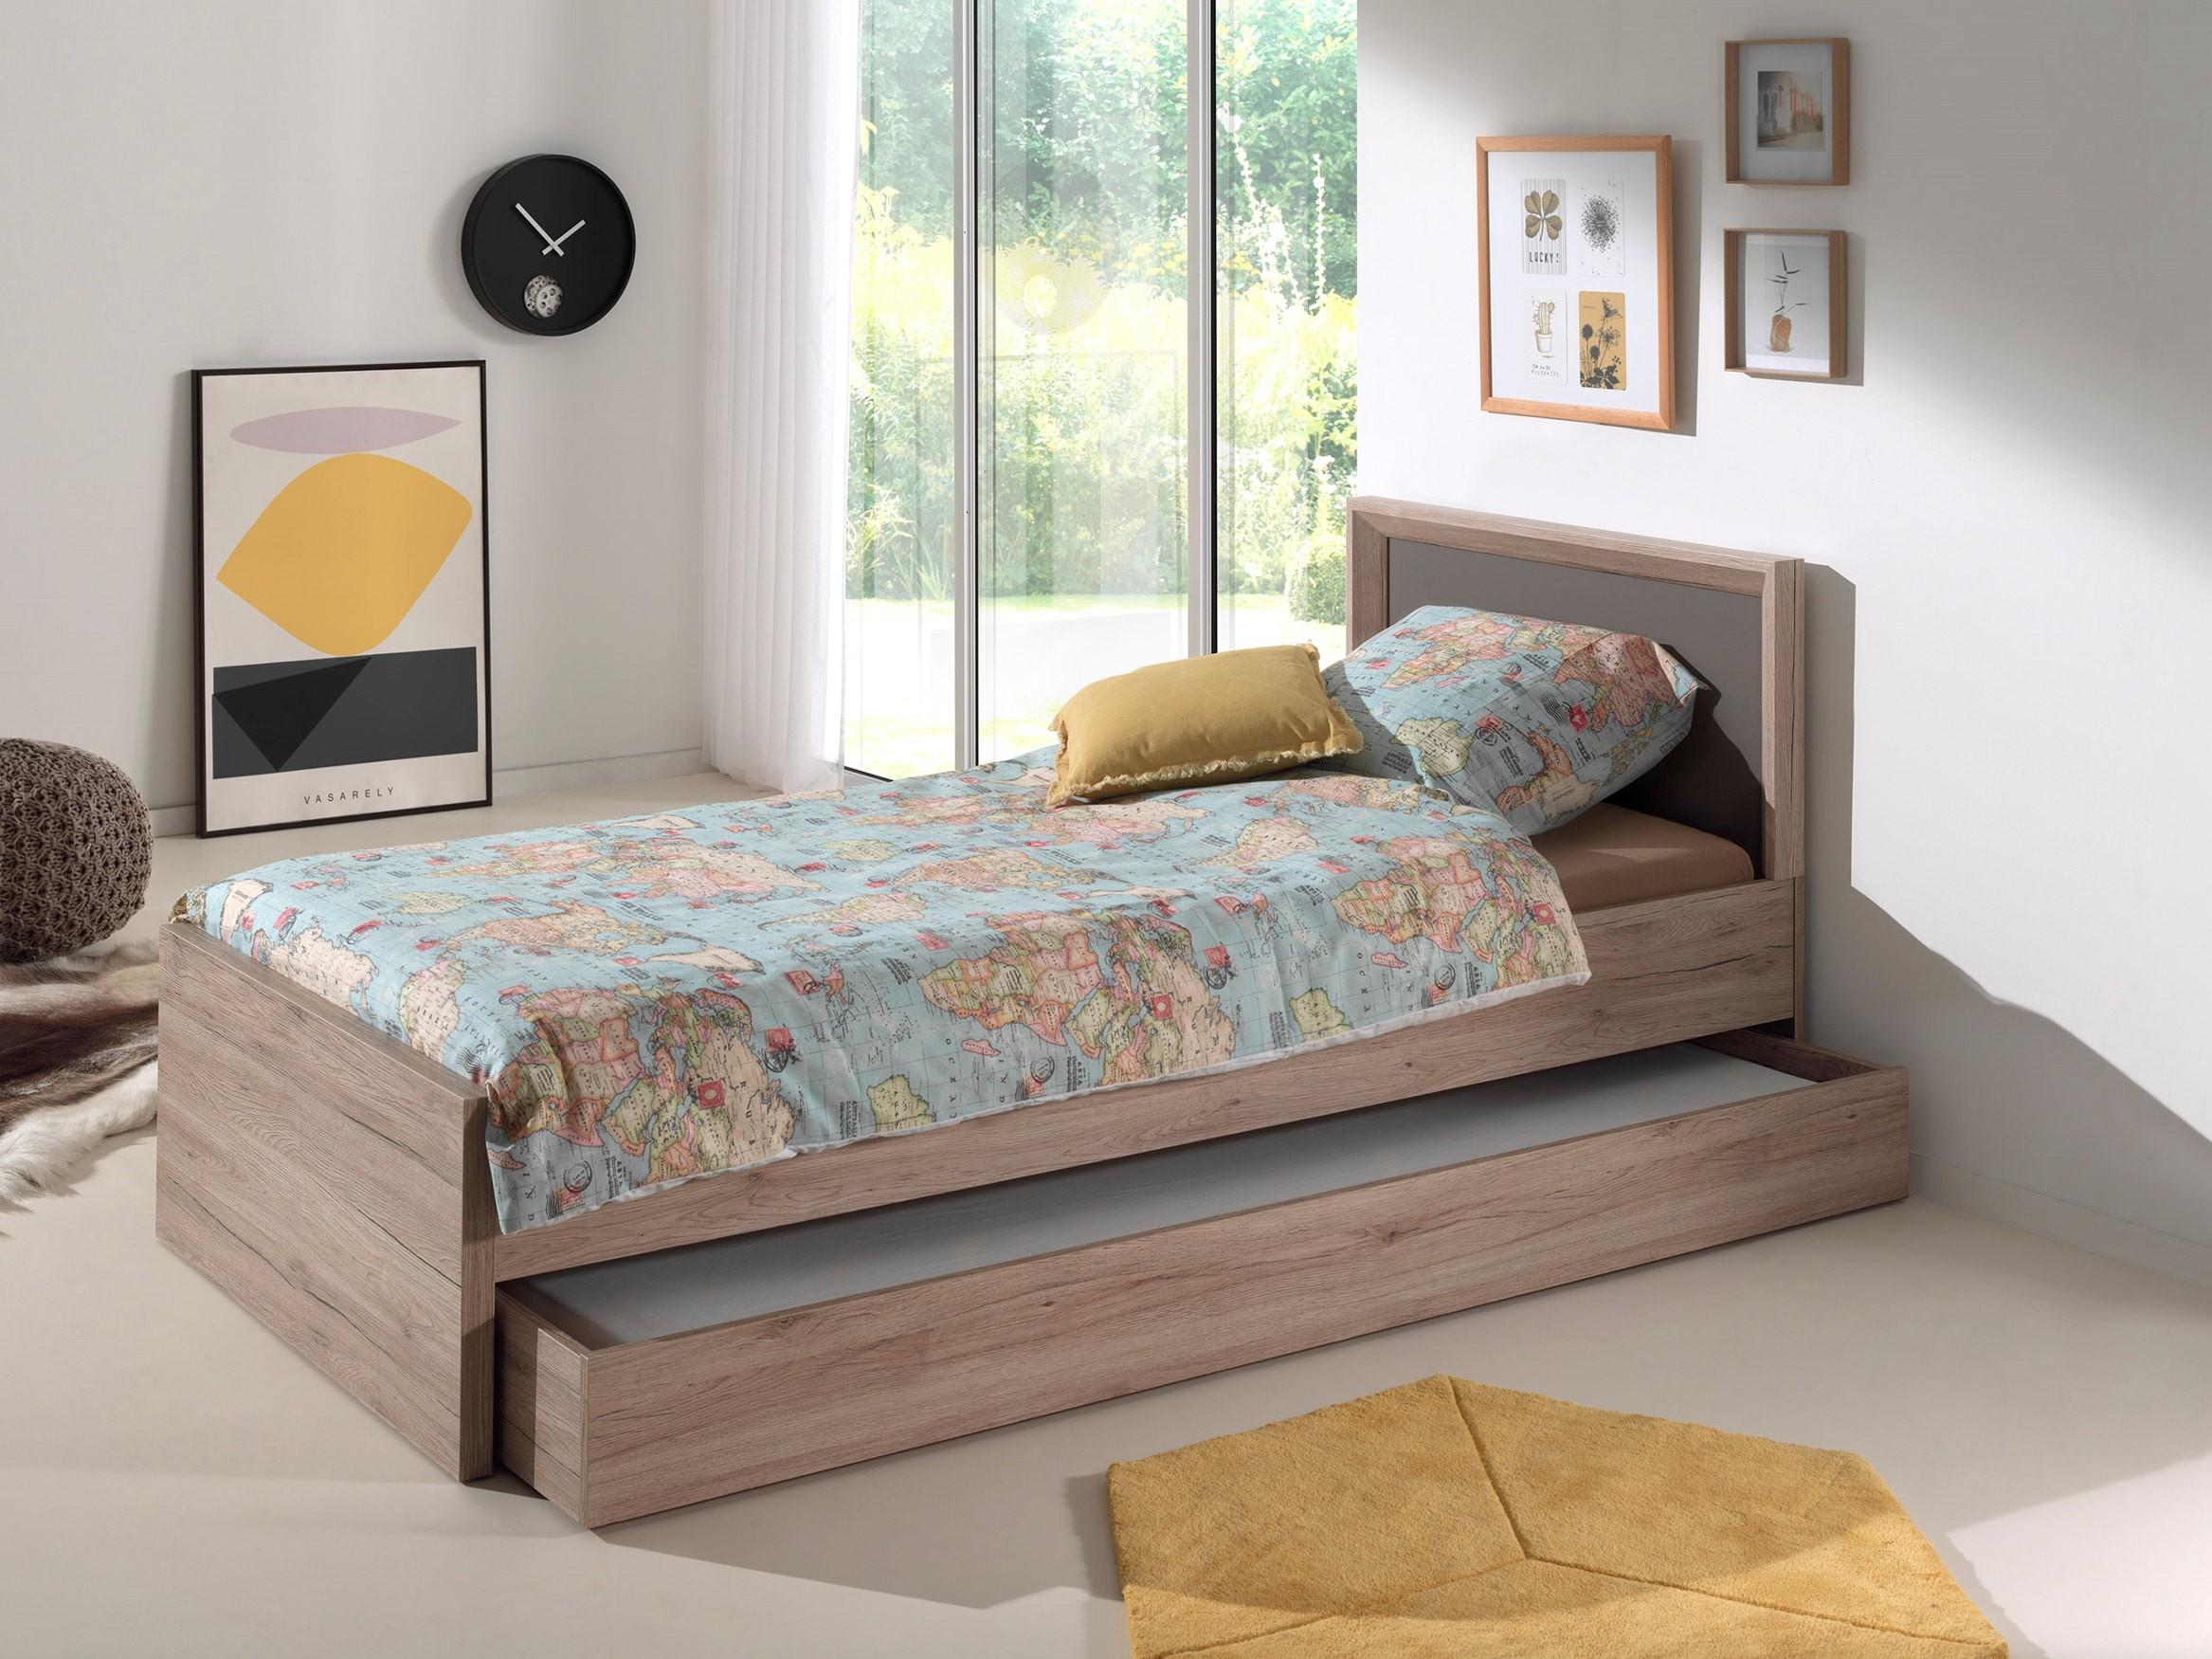 jugendzimmer emma komplett mit einzelbett und bettschublade kinder jugendzimmer jugendzimmer. Black Bedroom Furniture Sets. Home Design Ideas